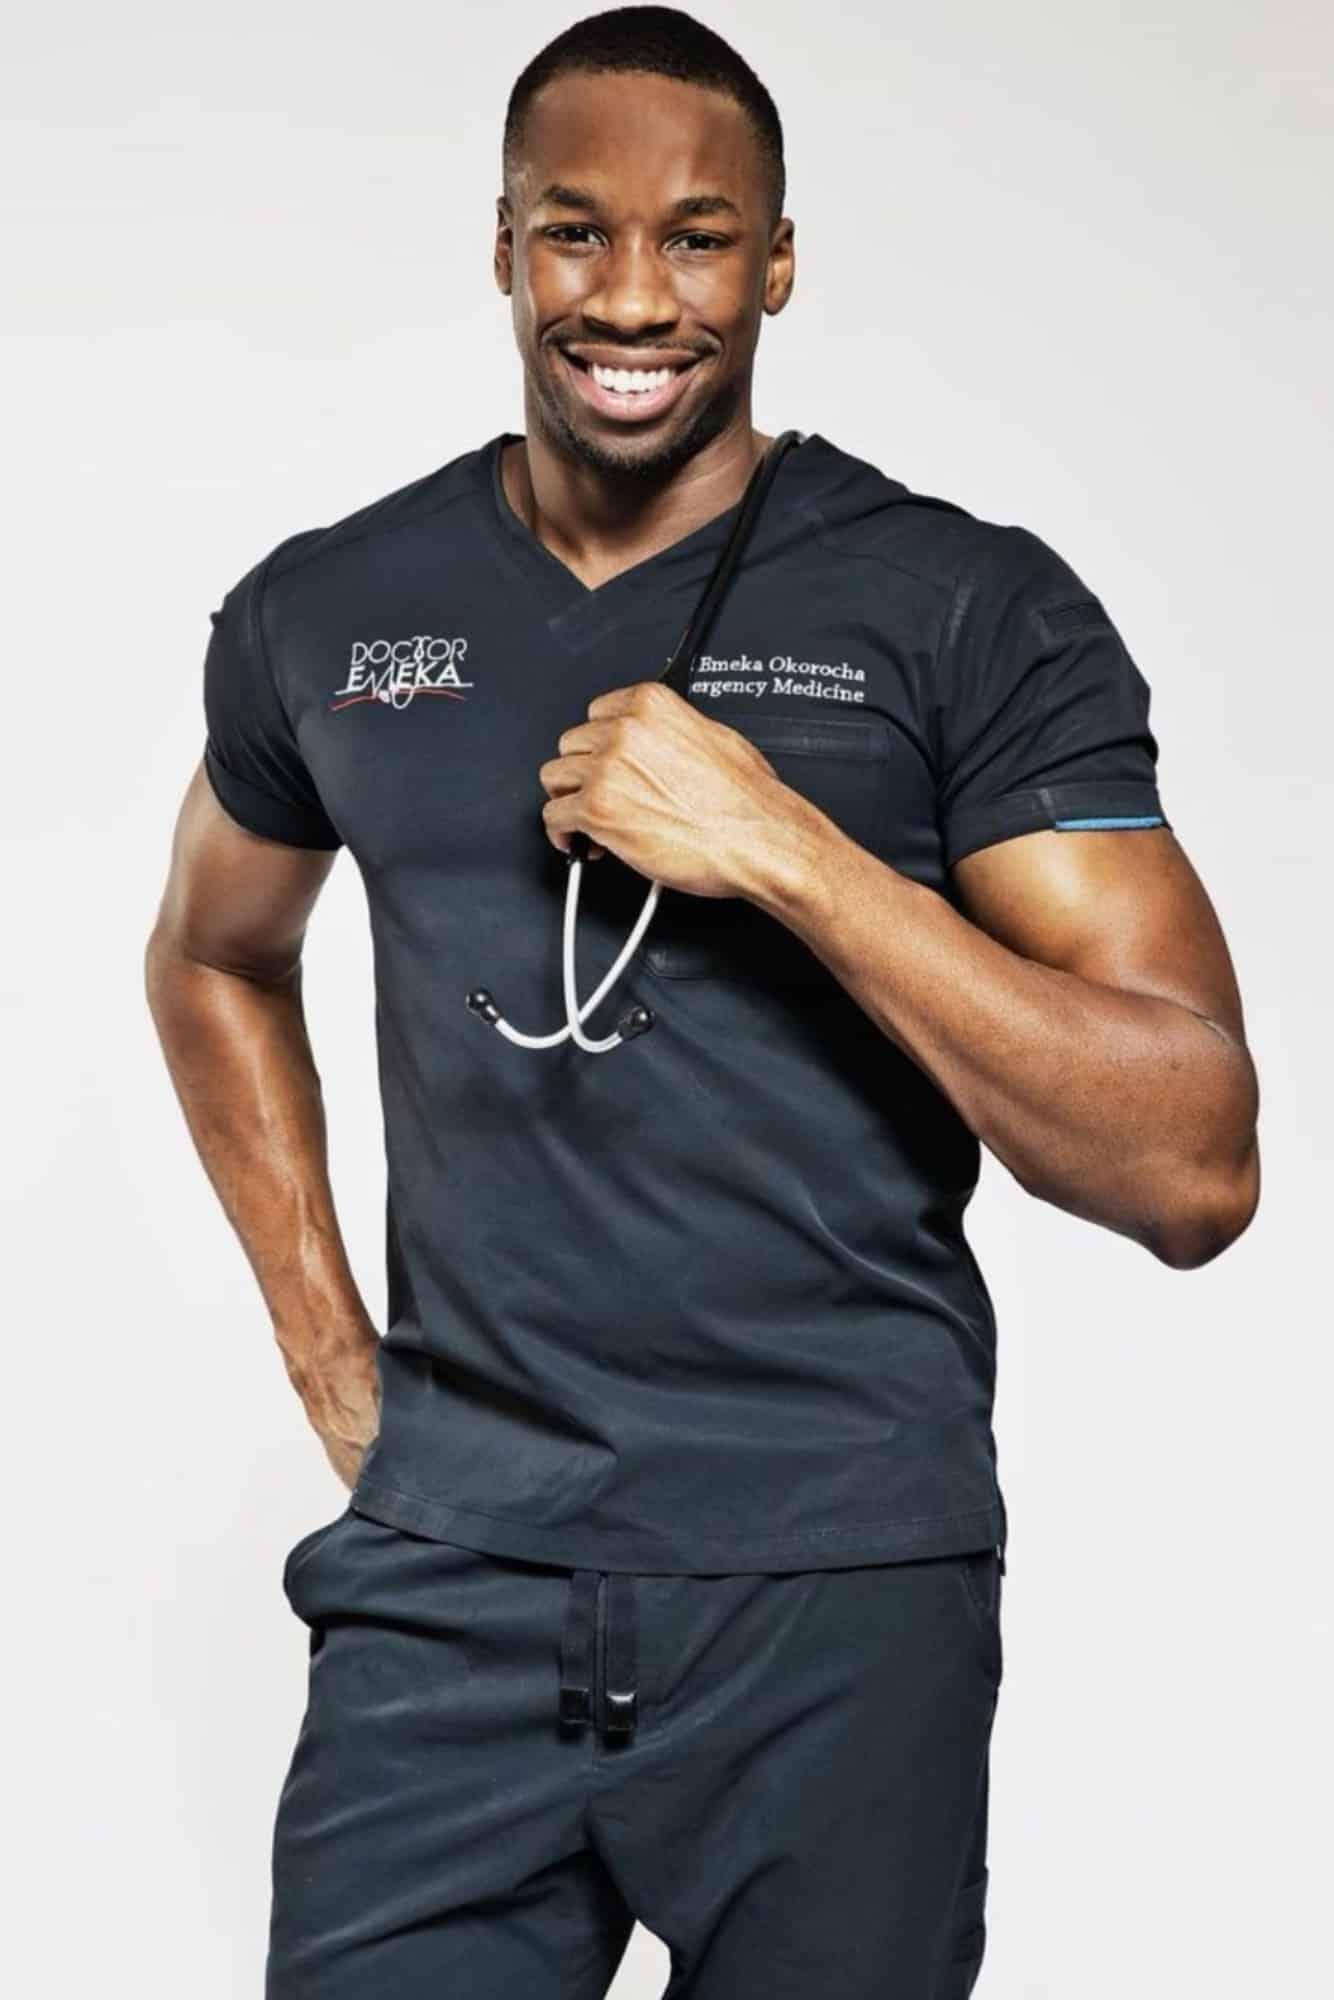 Dr Emeka Okorocha